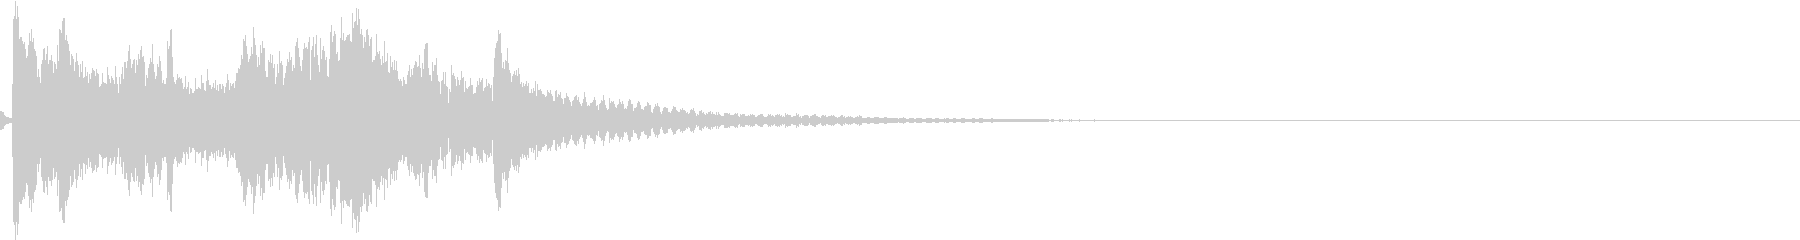 お正月 琴 和風 日本 和楽器 8の未再生の波形